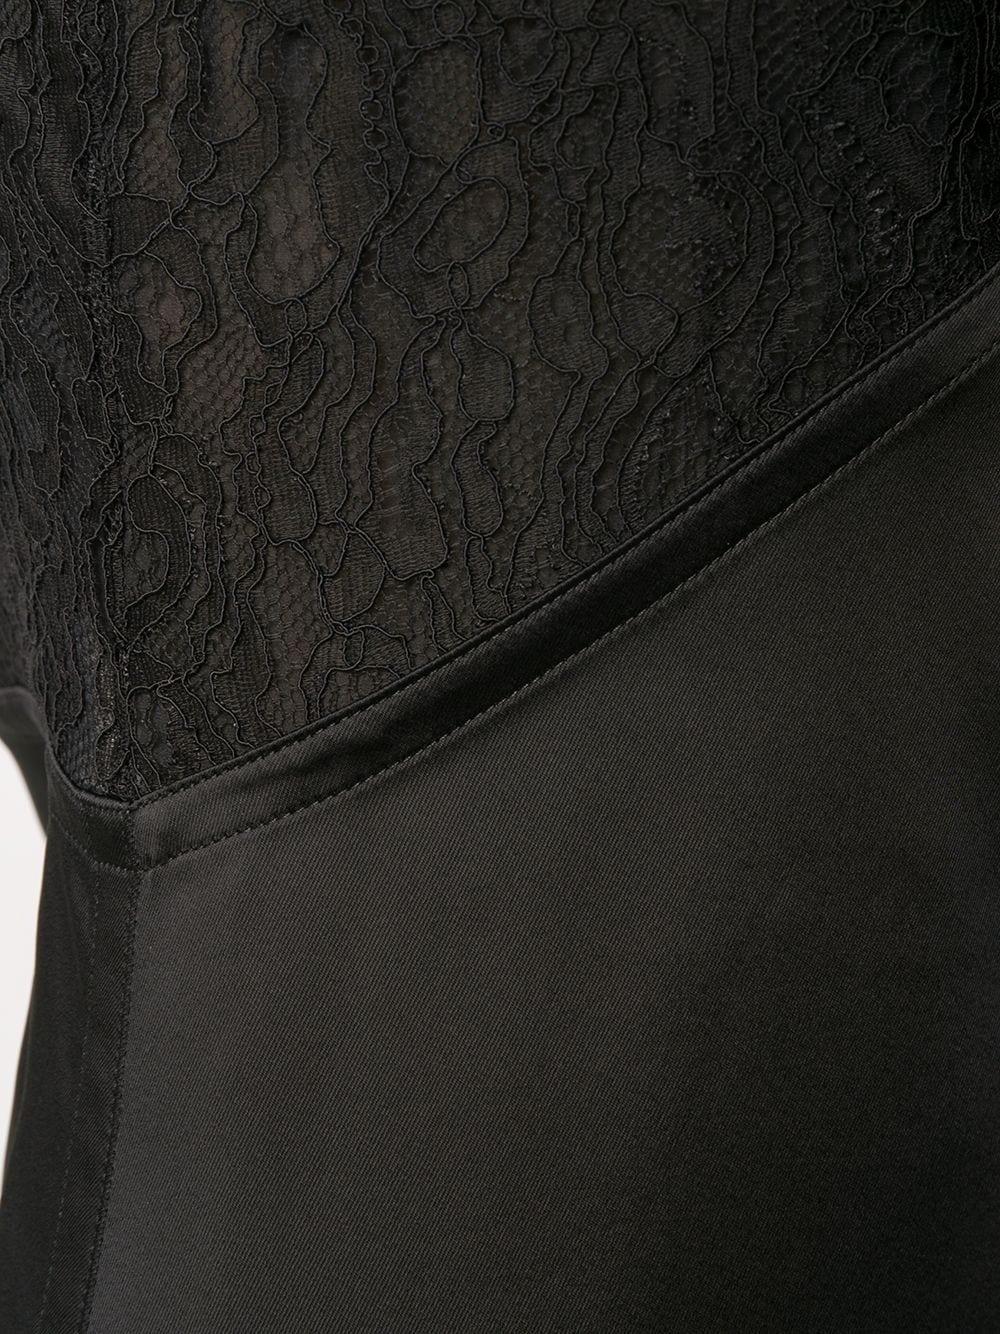 BOTTEGA VENETA Slip Midi Dress